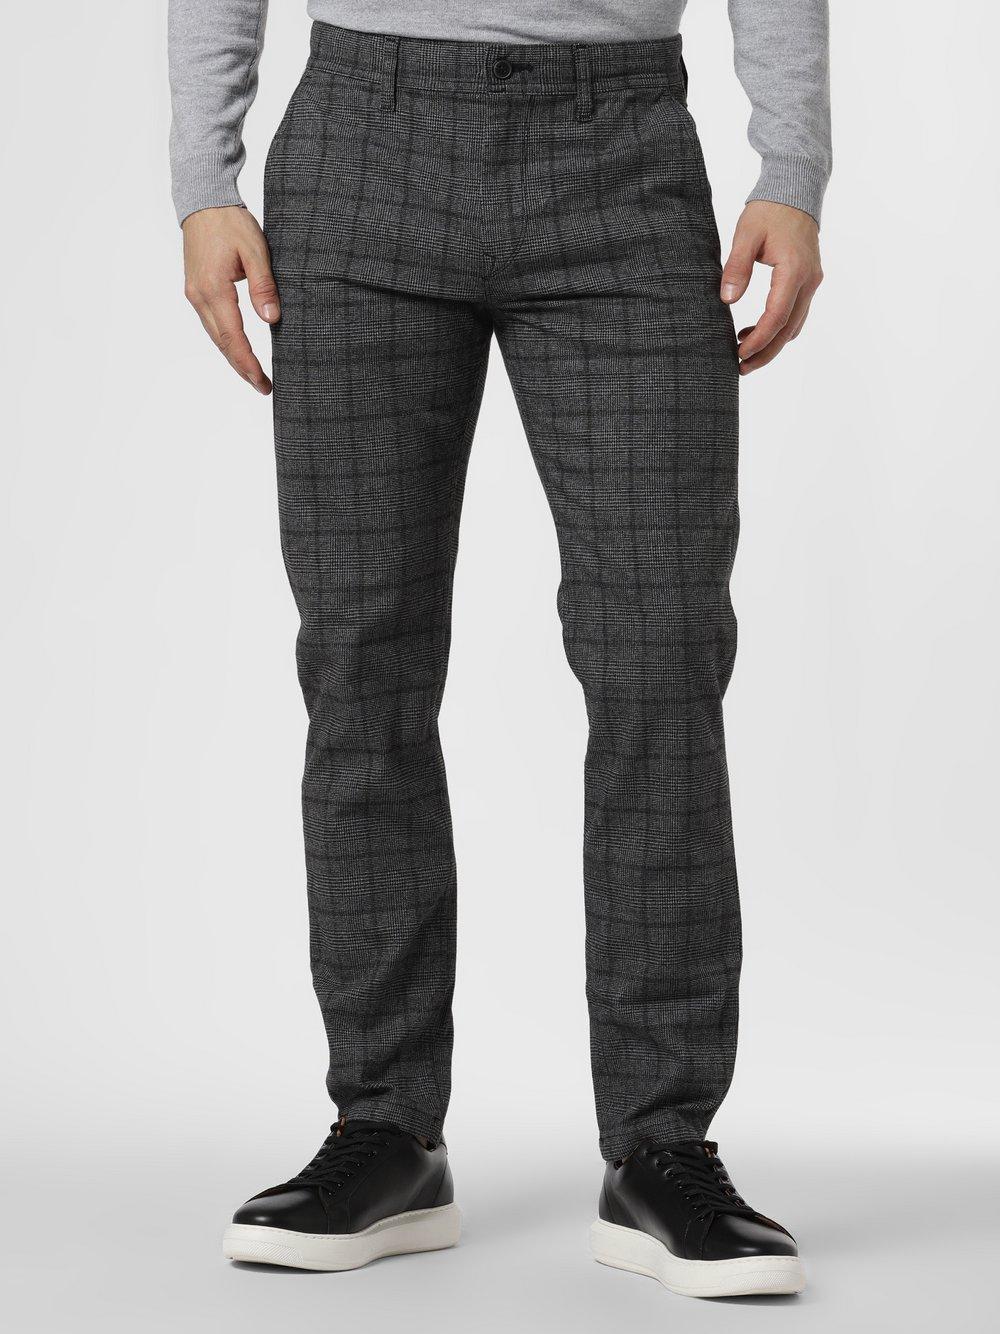 BOSS Casual - Spodnie męskie – Schino-Taber B, czarny